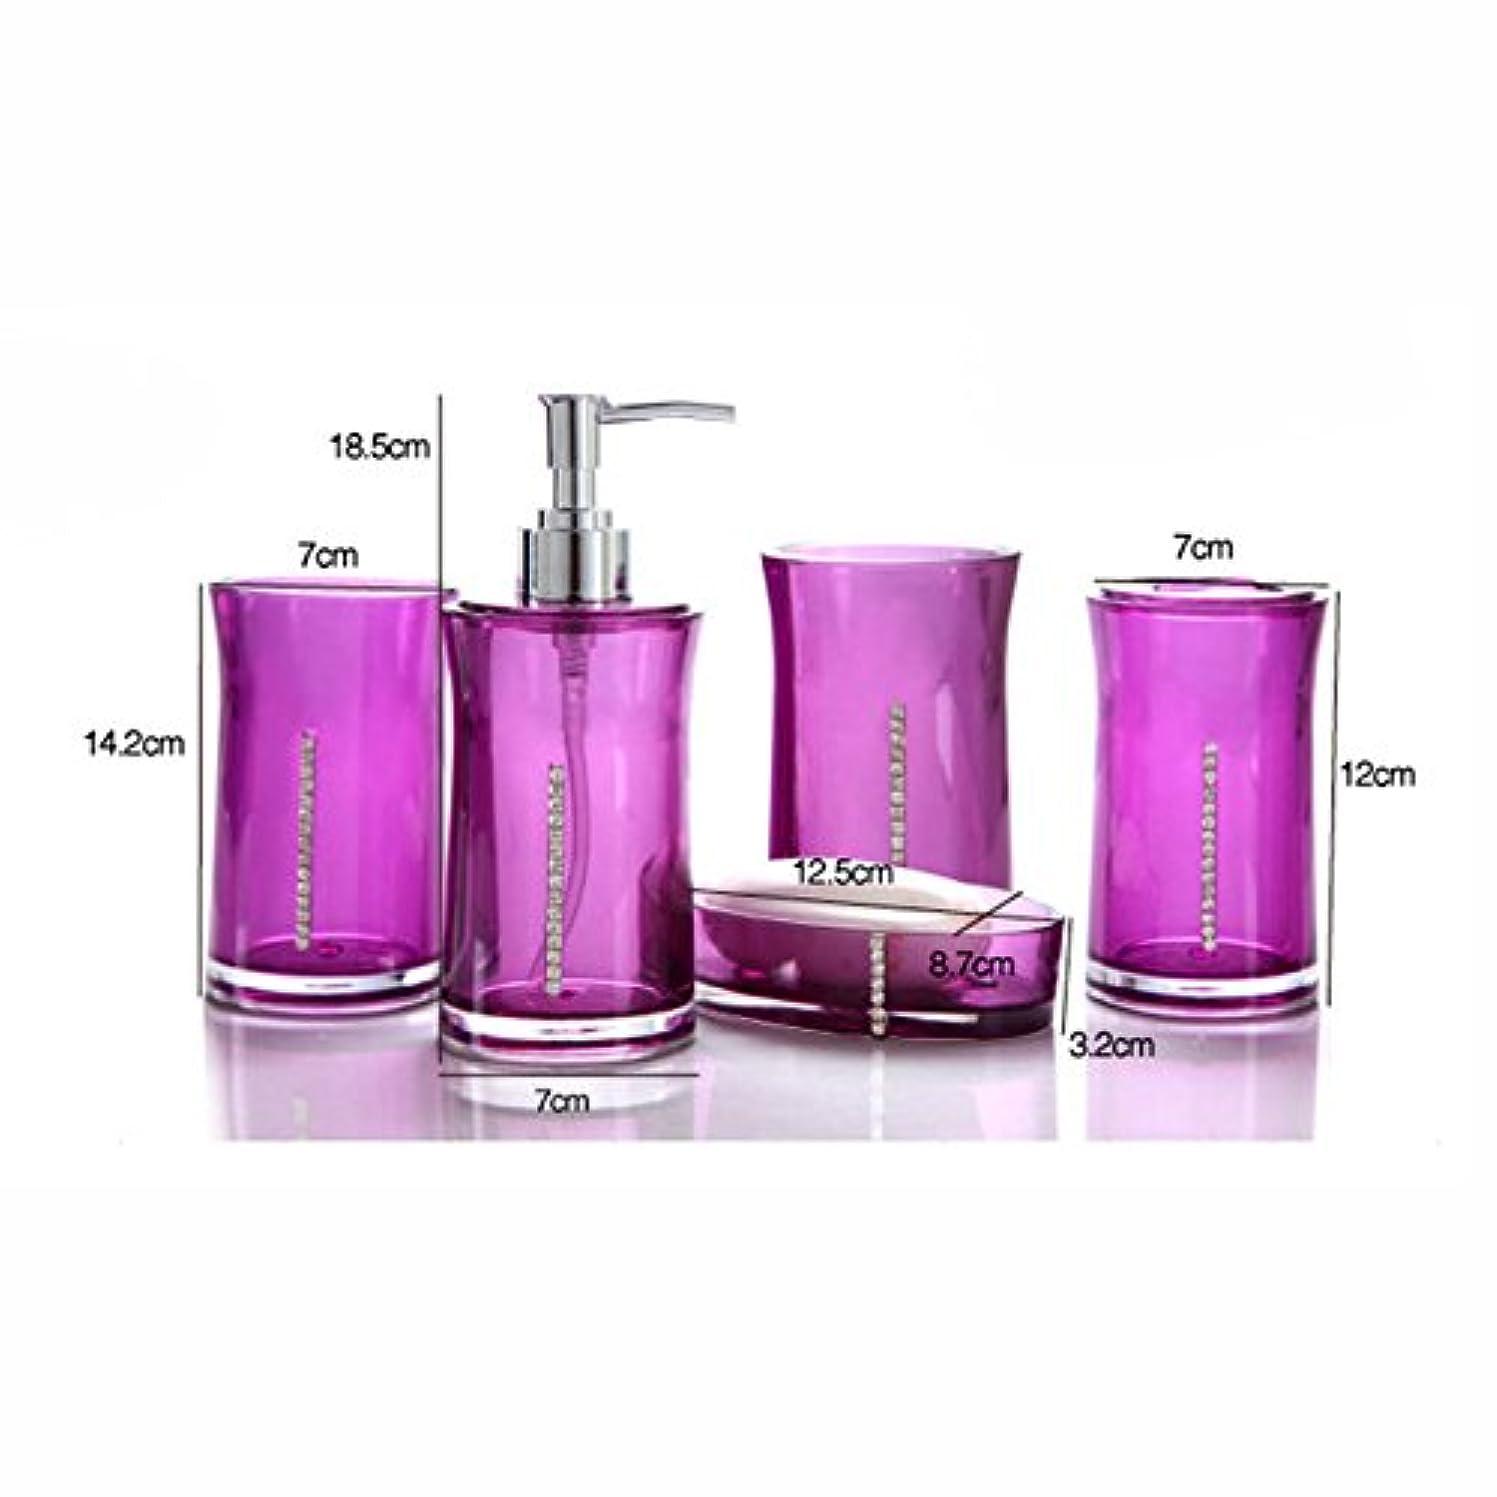 テンポ民主党神経xlp シャワージェルアクリルボトル、キッチンバス用シャンプー液体石鹸ディスペンサーボトル (紫)